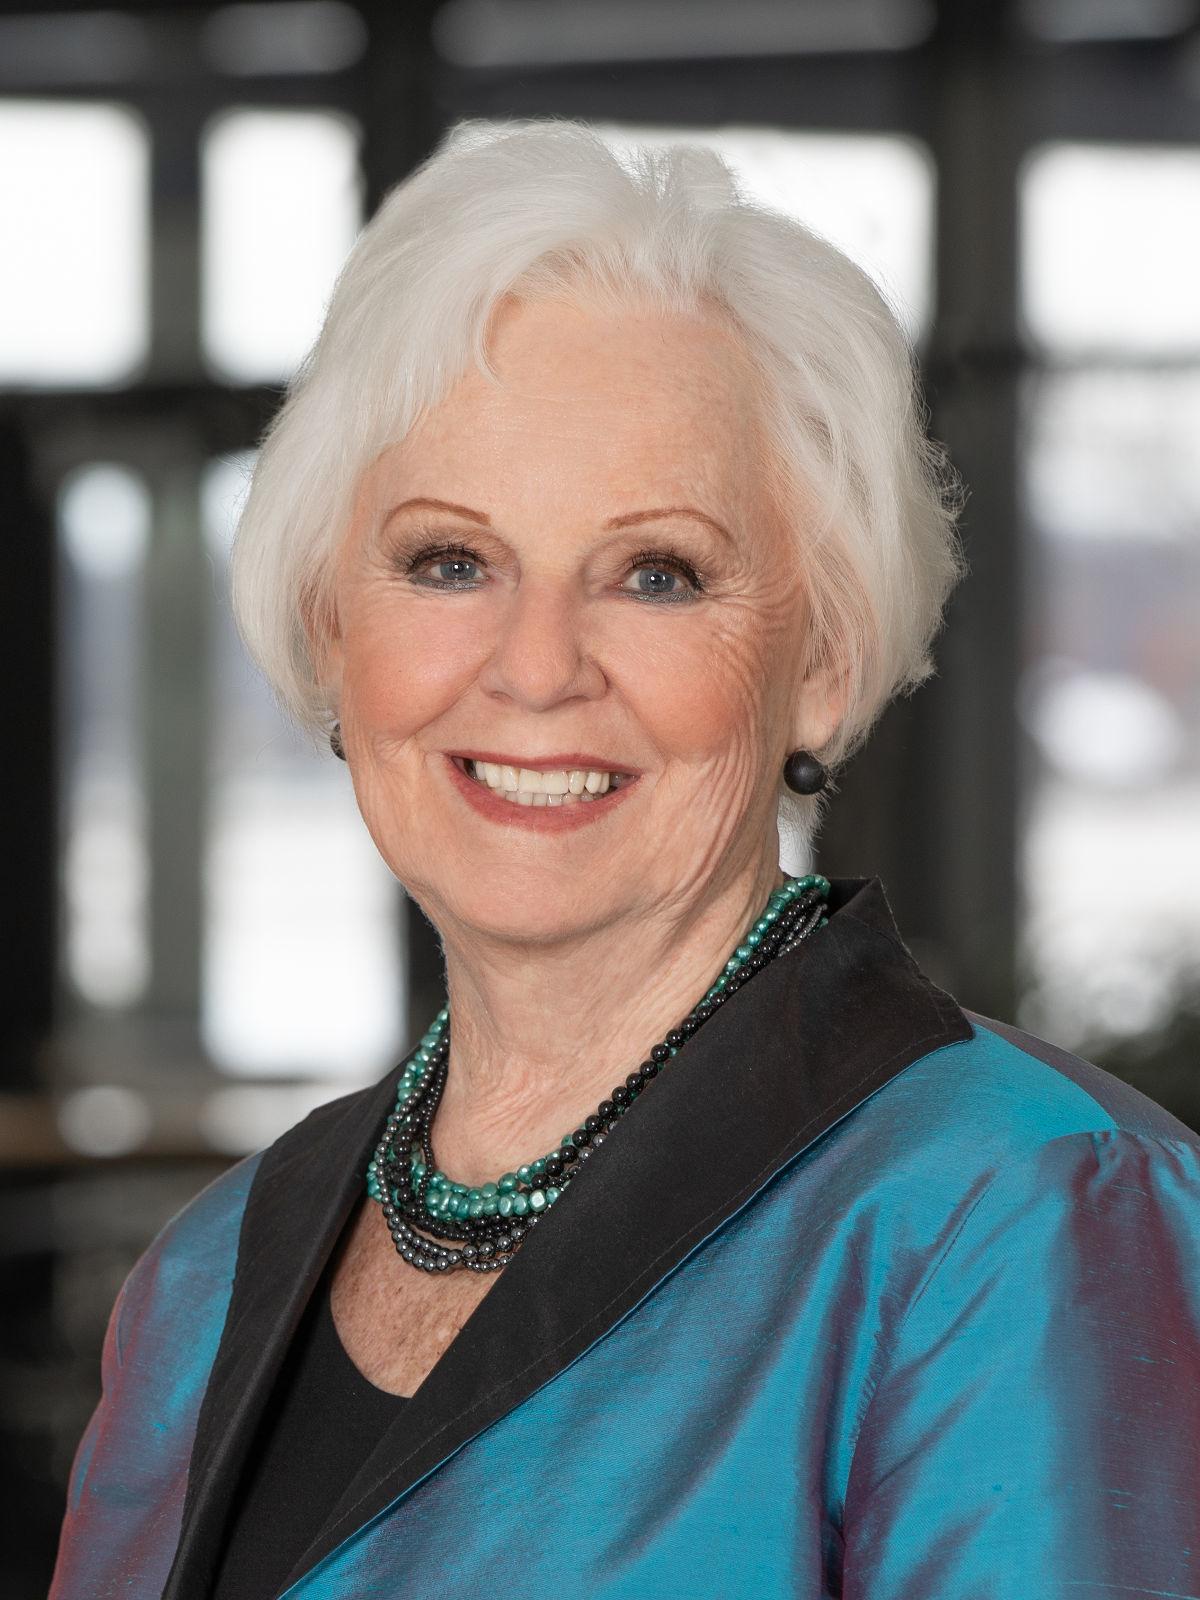 Roberta Teahen